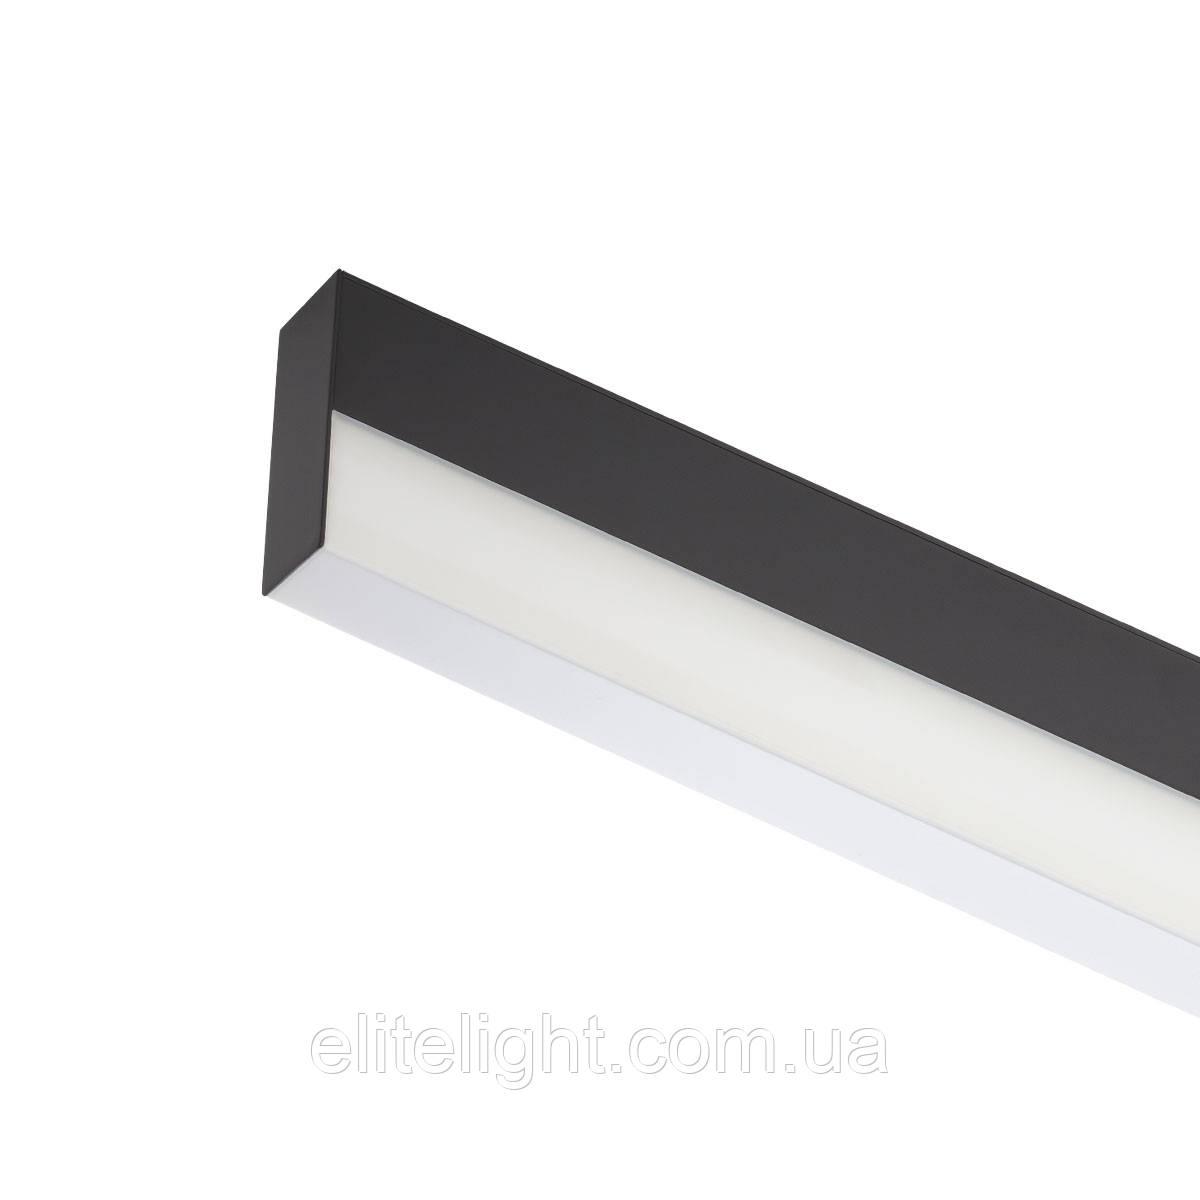 Линейный светильник для магнитного трека Arelux XTRIM M CORP LINIAR + DALi